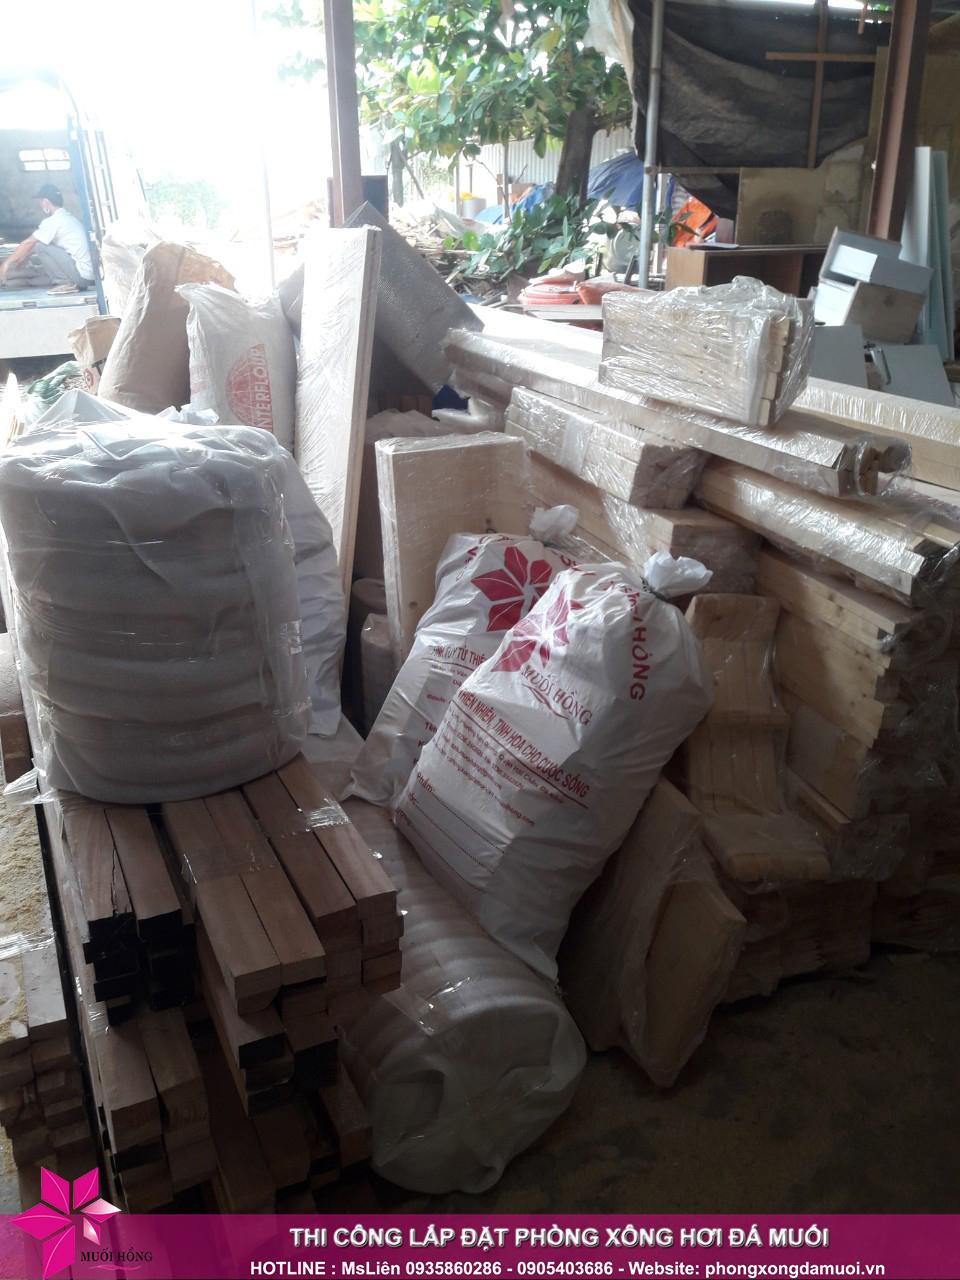 chuyến xe chở nguyên vật liệu công trình spa jjimjilbang cẩm phả đã lăn bánh 3